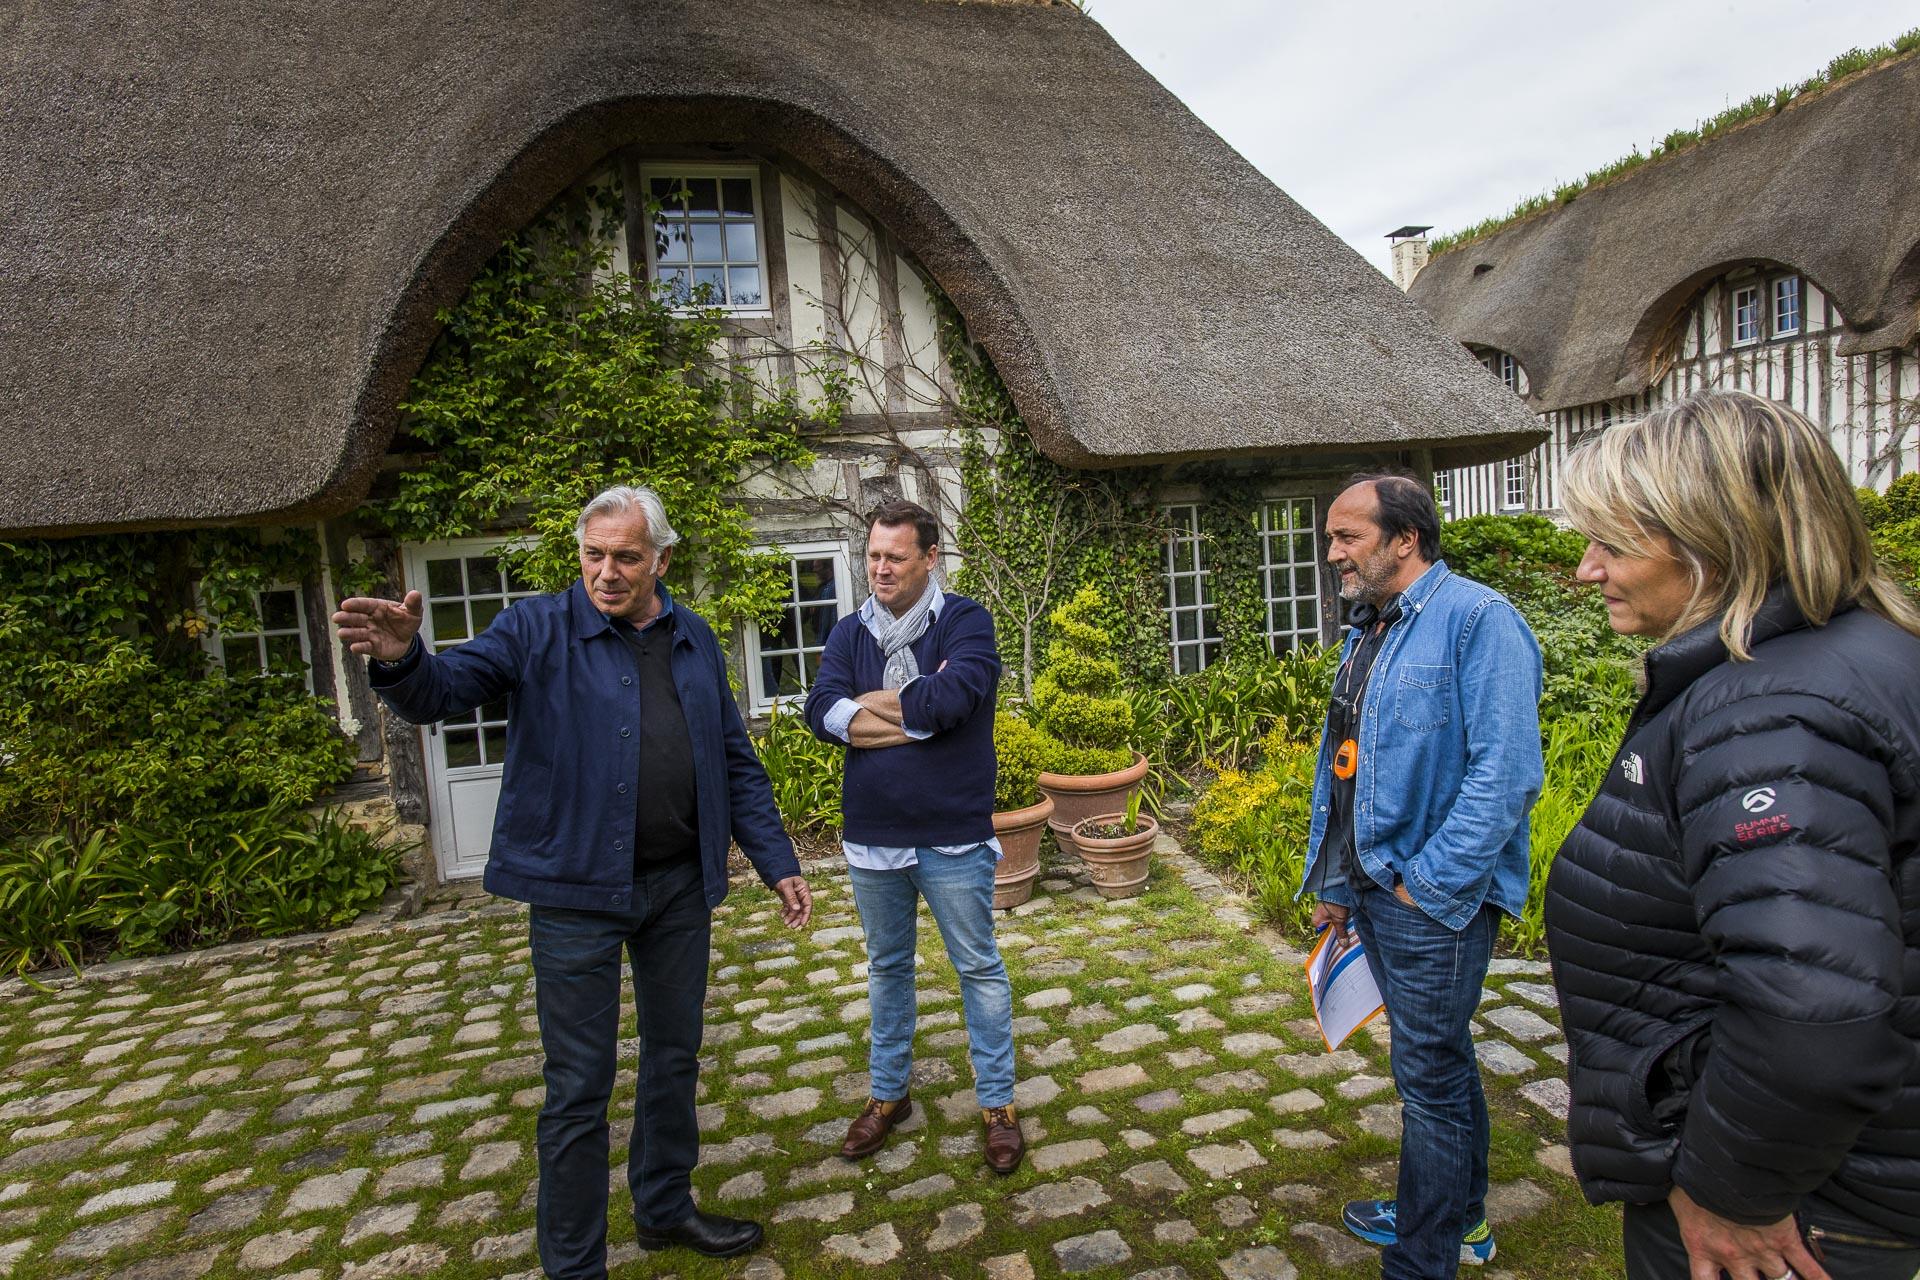 Tournage la maison France 5 - Domaine d'Ablon